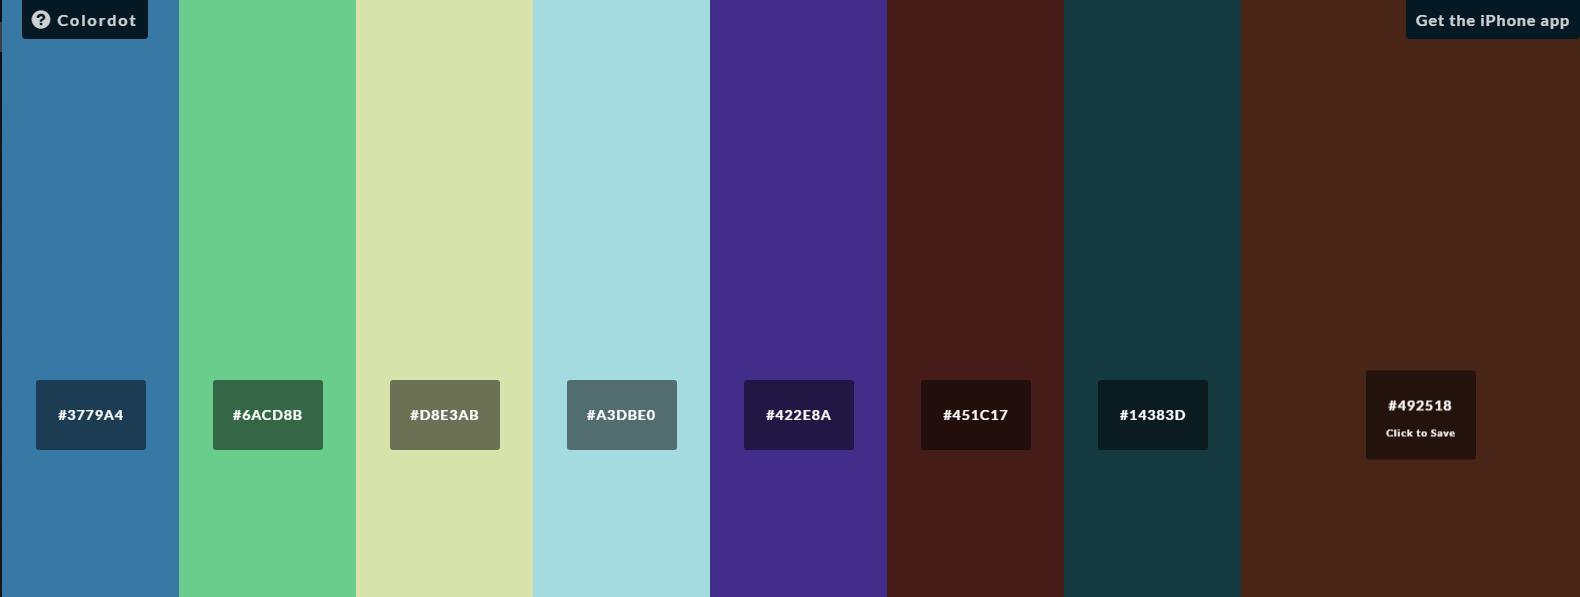 색상 찾기 - 어울리는 색상을 찾아보자